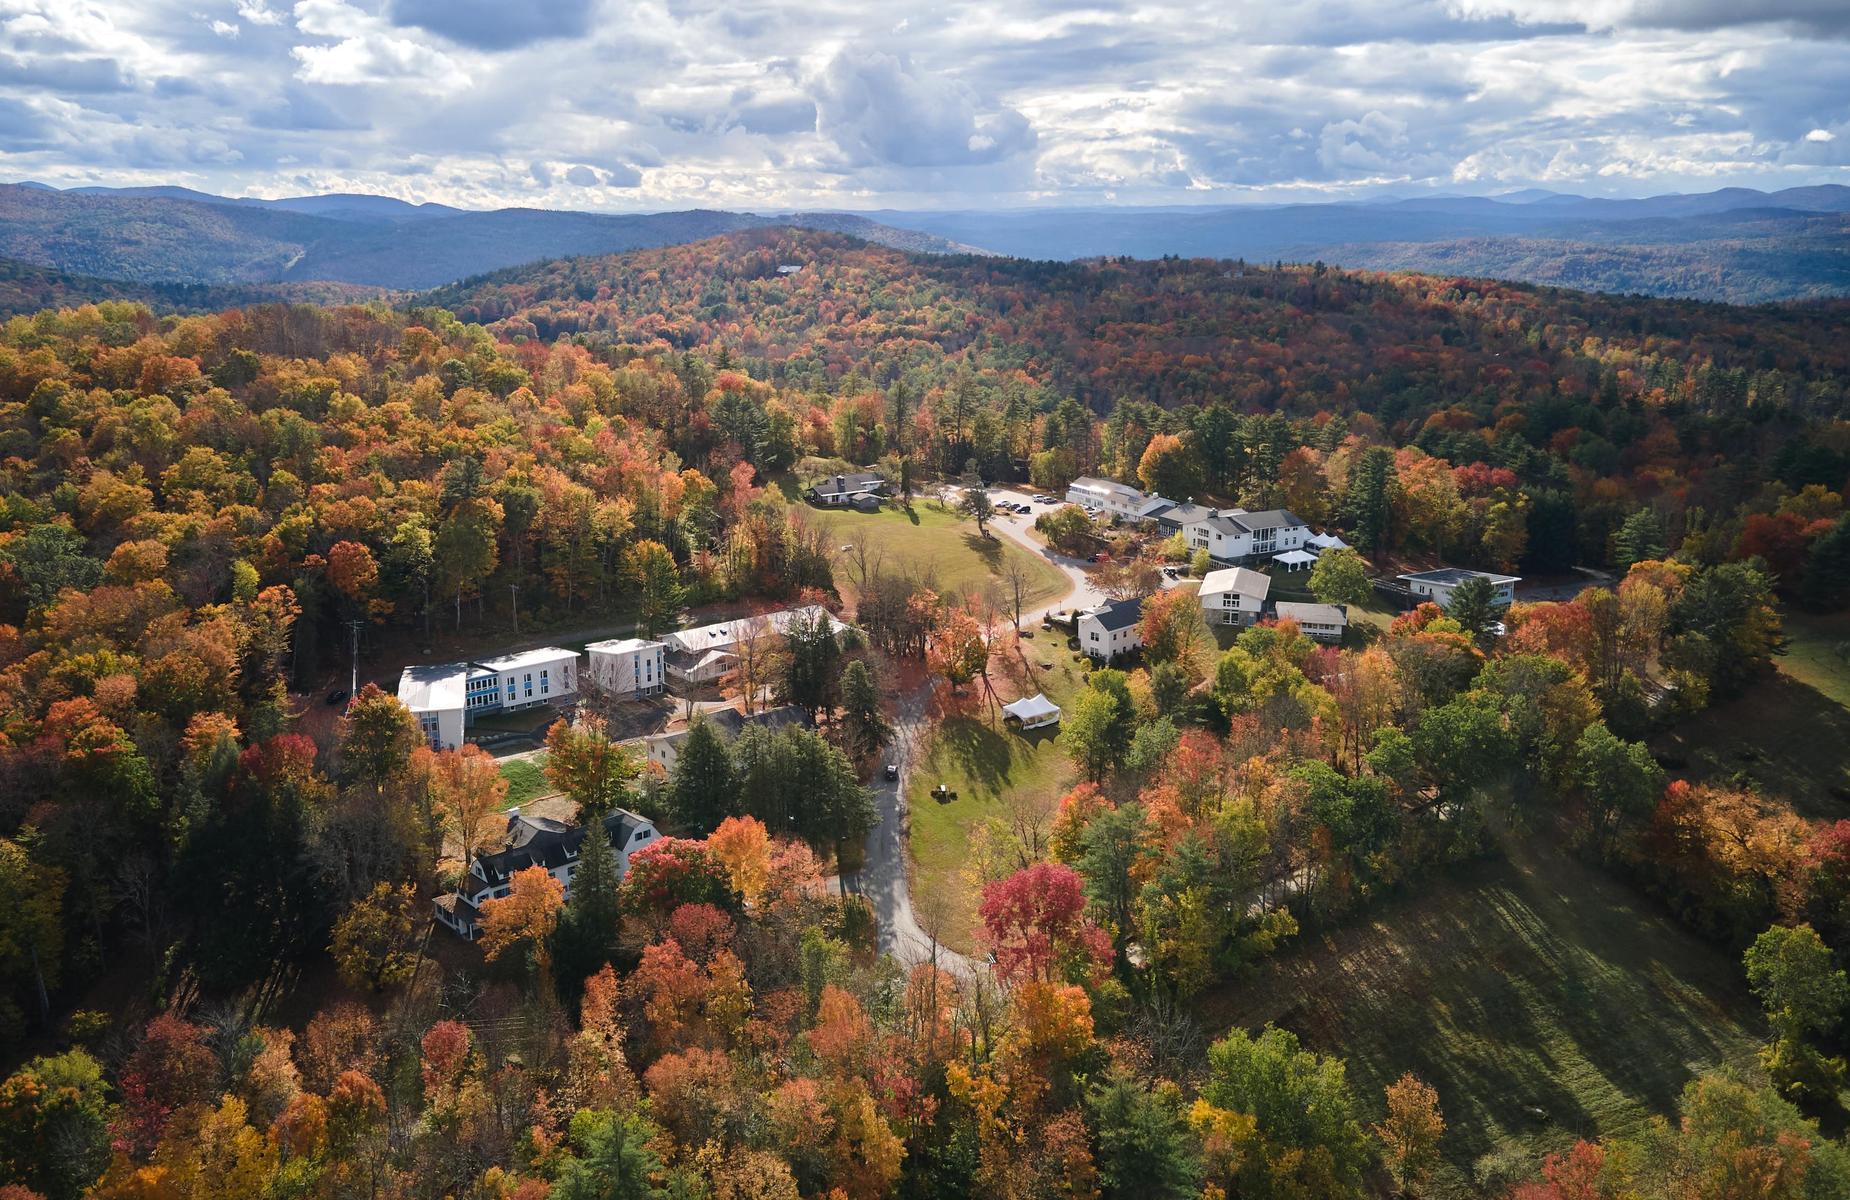 白山学校的鸟瞰图.